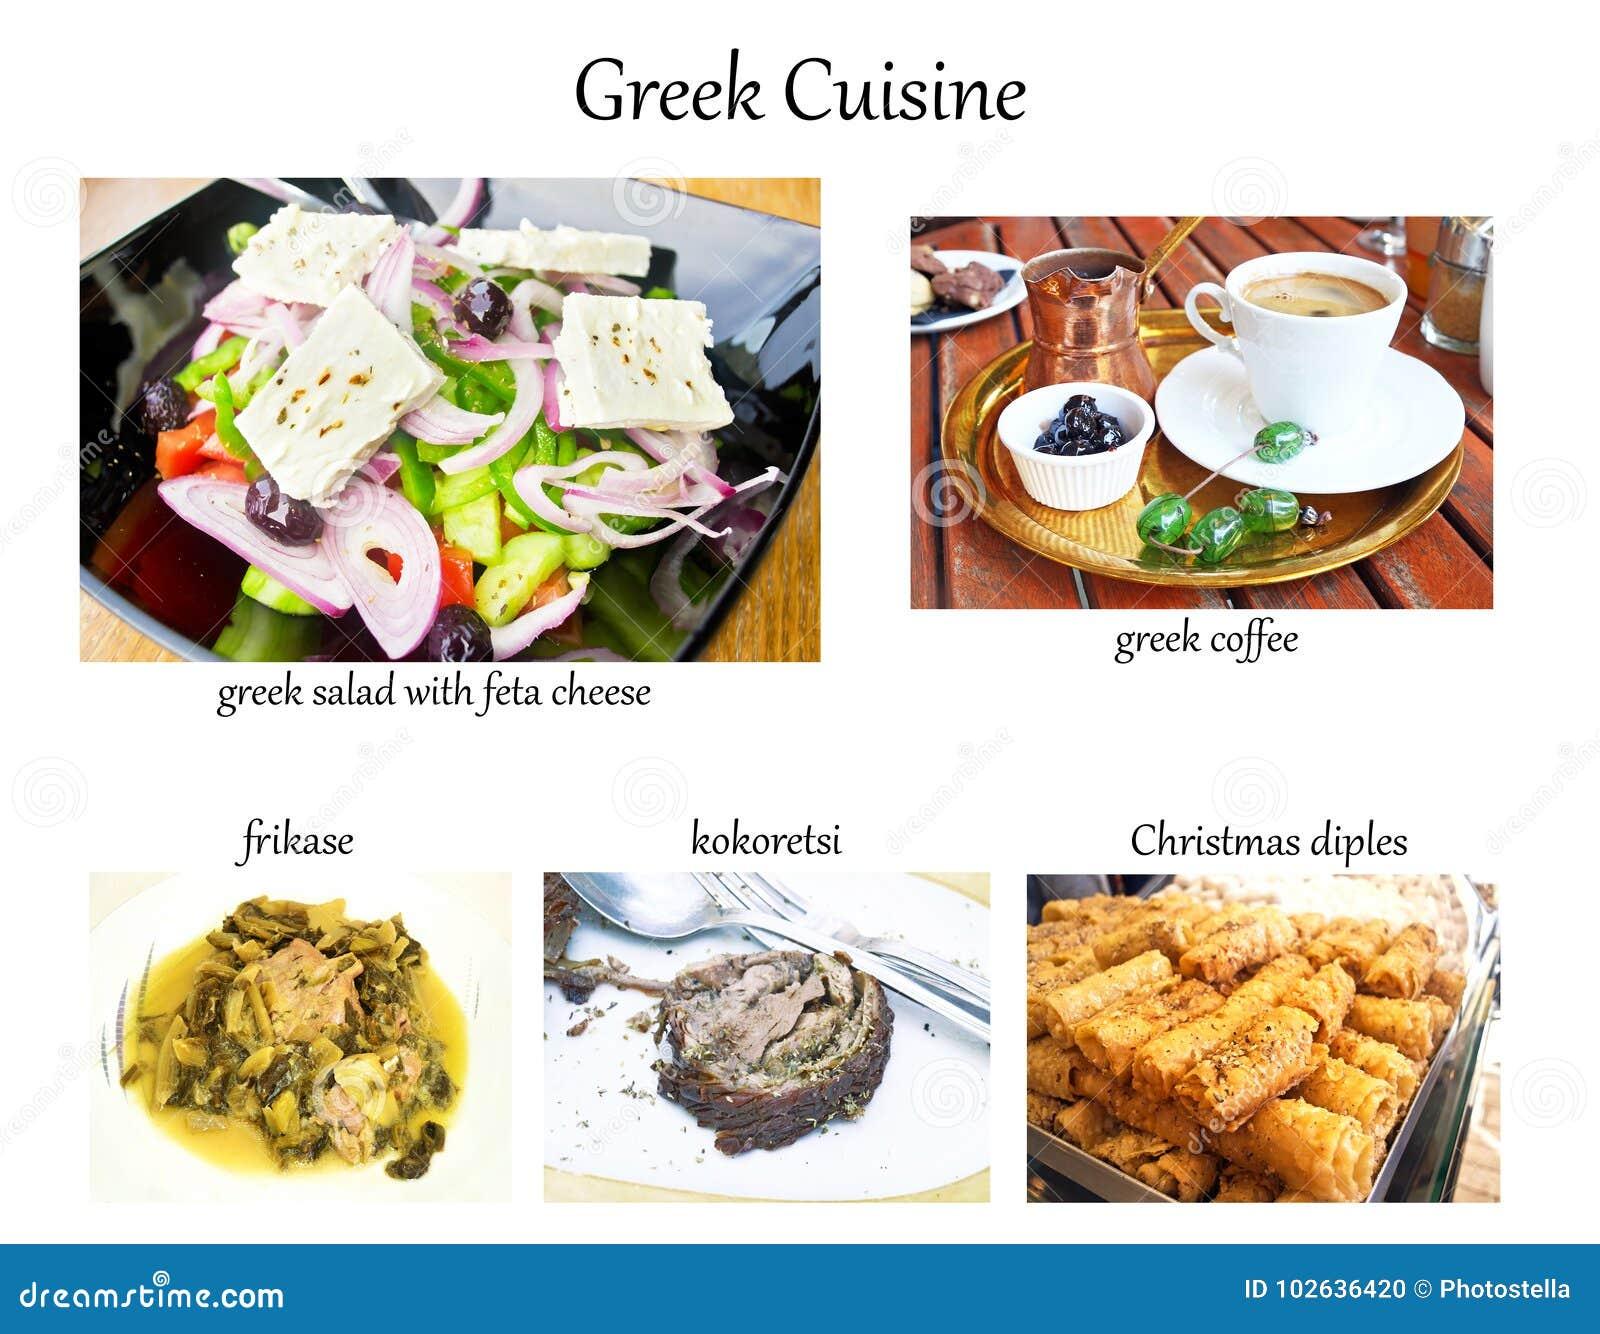 Colagem com culinária grega - café, salada, frikase, kokoretsi, diples do Natal